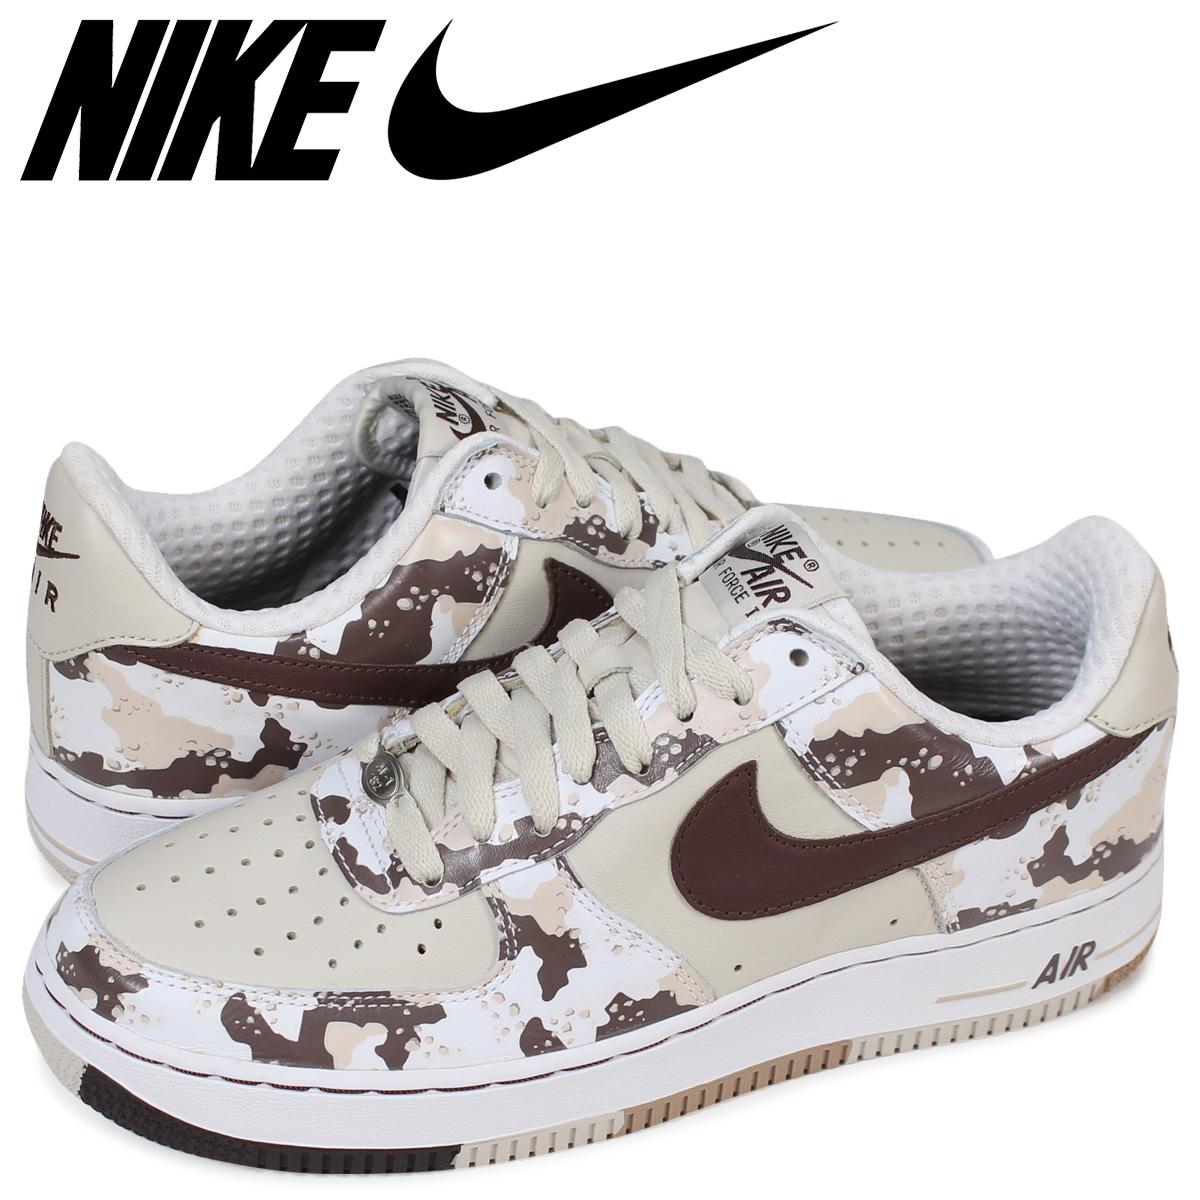 revendeur d03c4 24016 NIKE AIR FORCE 1 LOW PREMIUM Nike air force 1 sneakers 313,641-221 men's  shoes duck [1712]